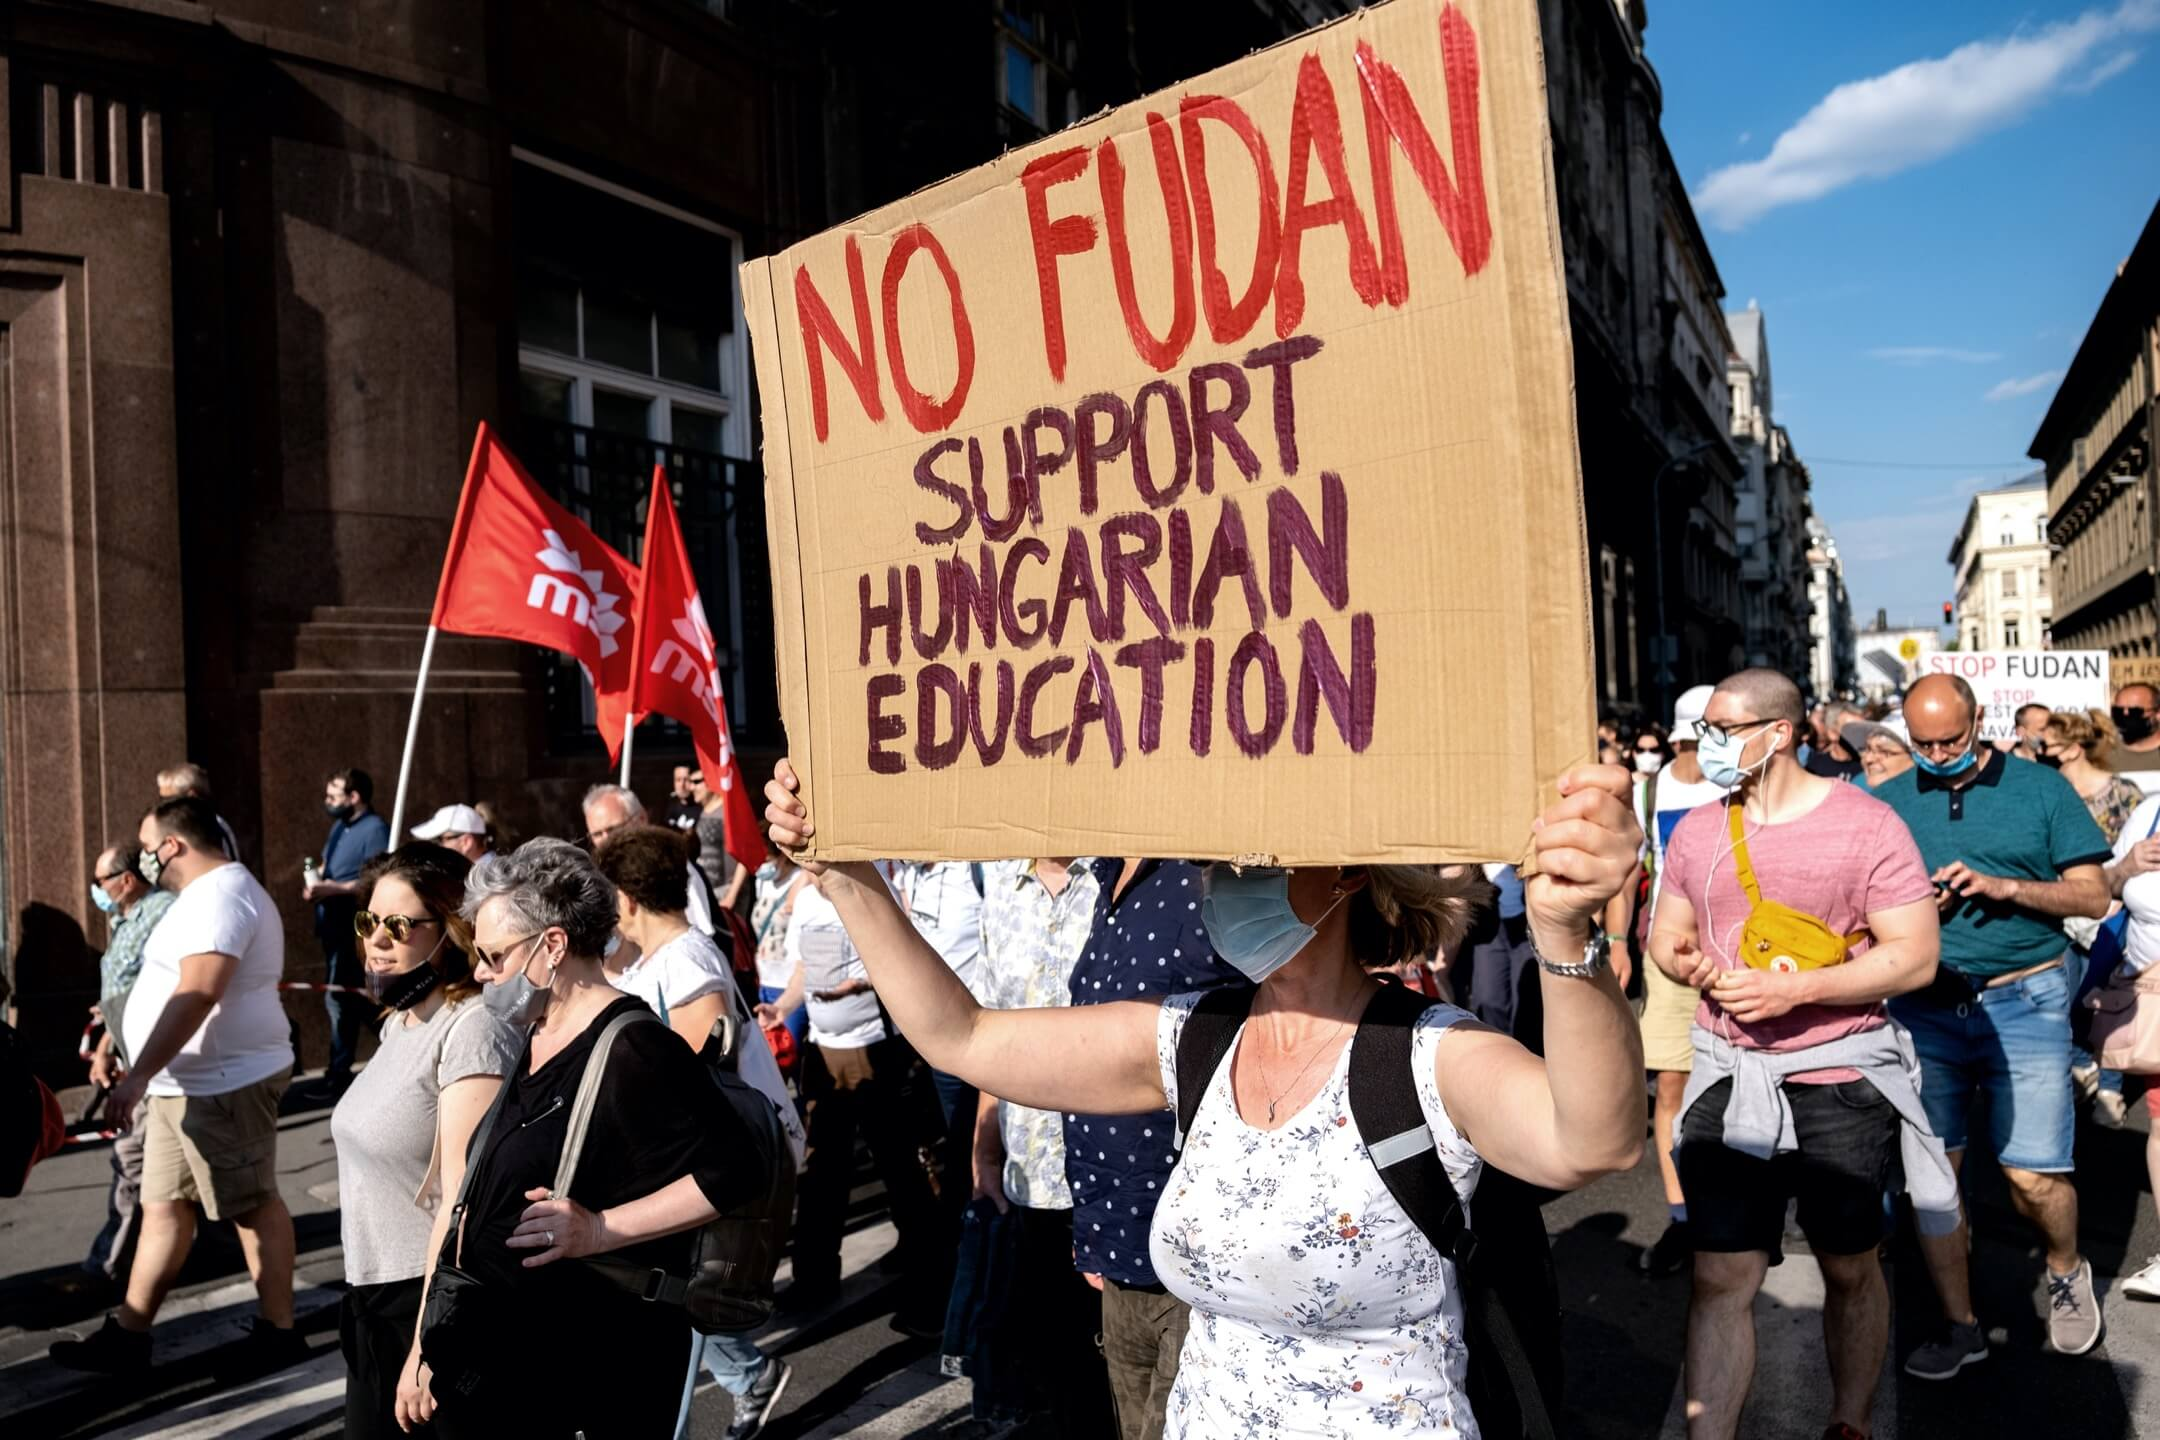 2021年6月5日,匈牙利布達佩斯有大型示威反對復旦大學布達佩斯分校計劃。 攝:Janos Kummer/Getty Images